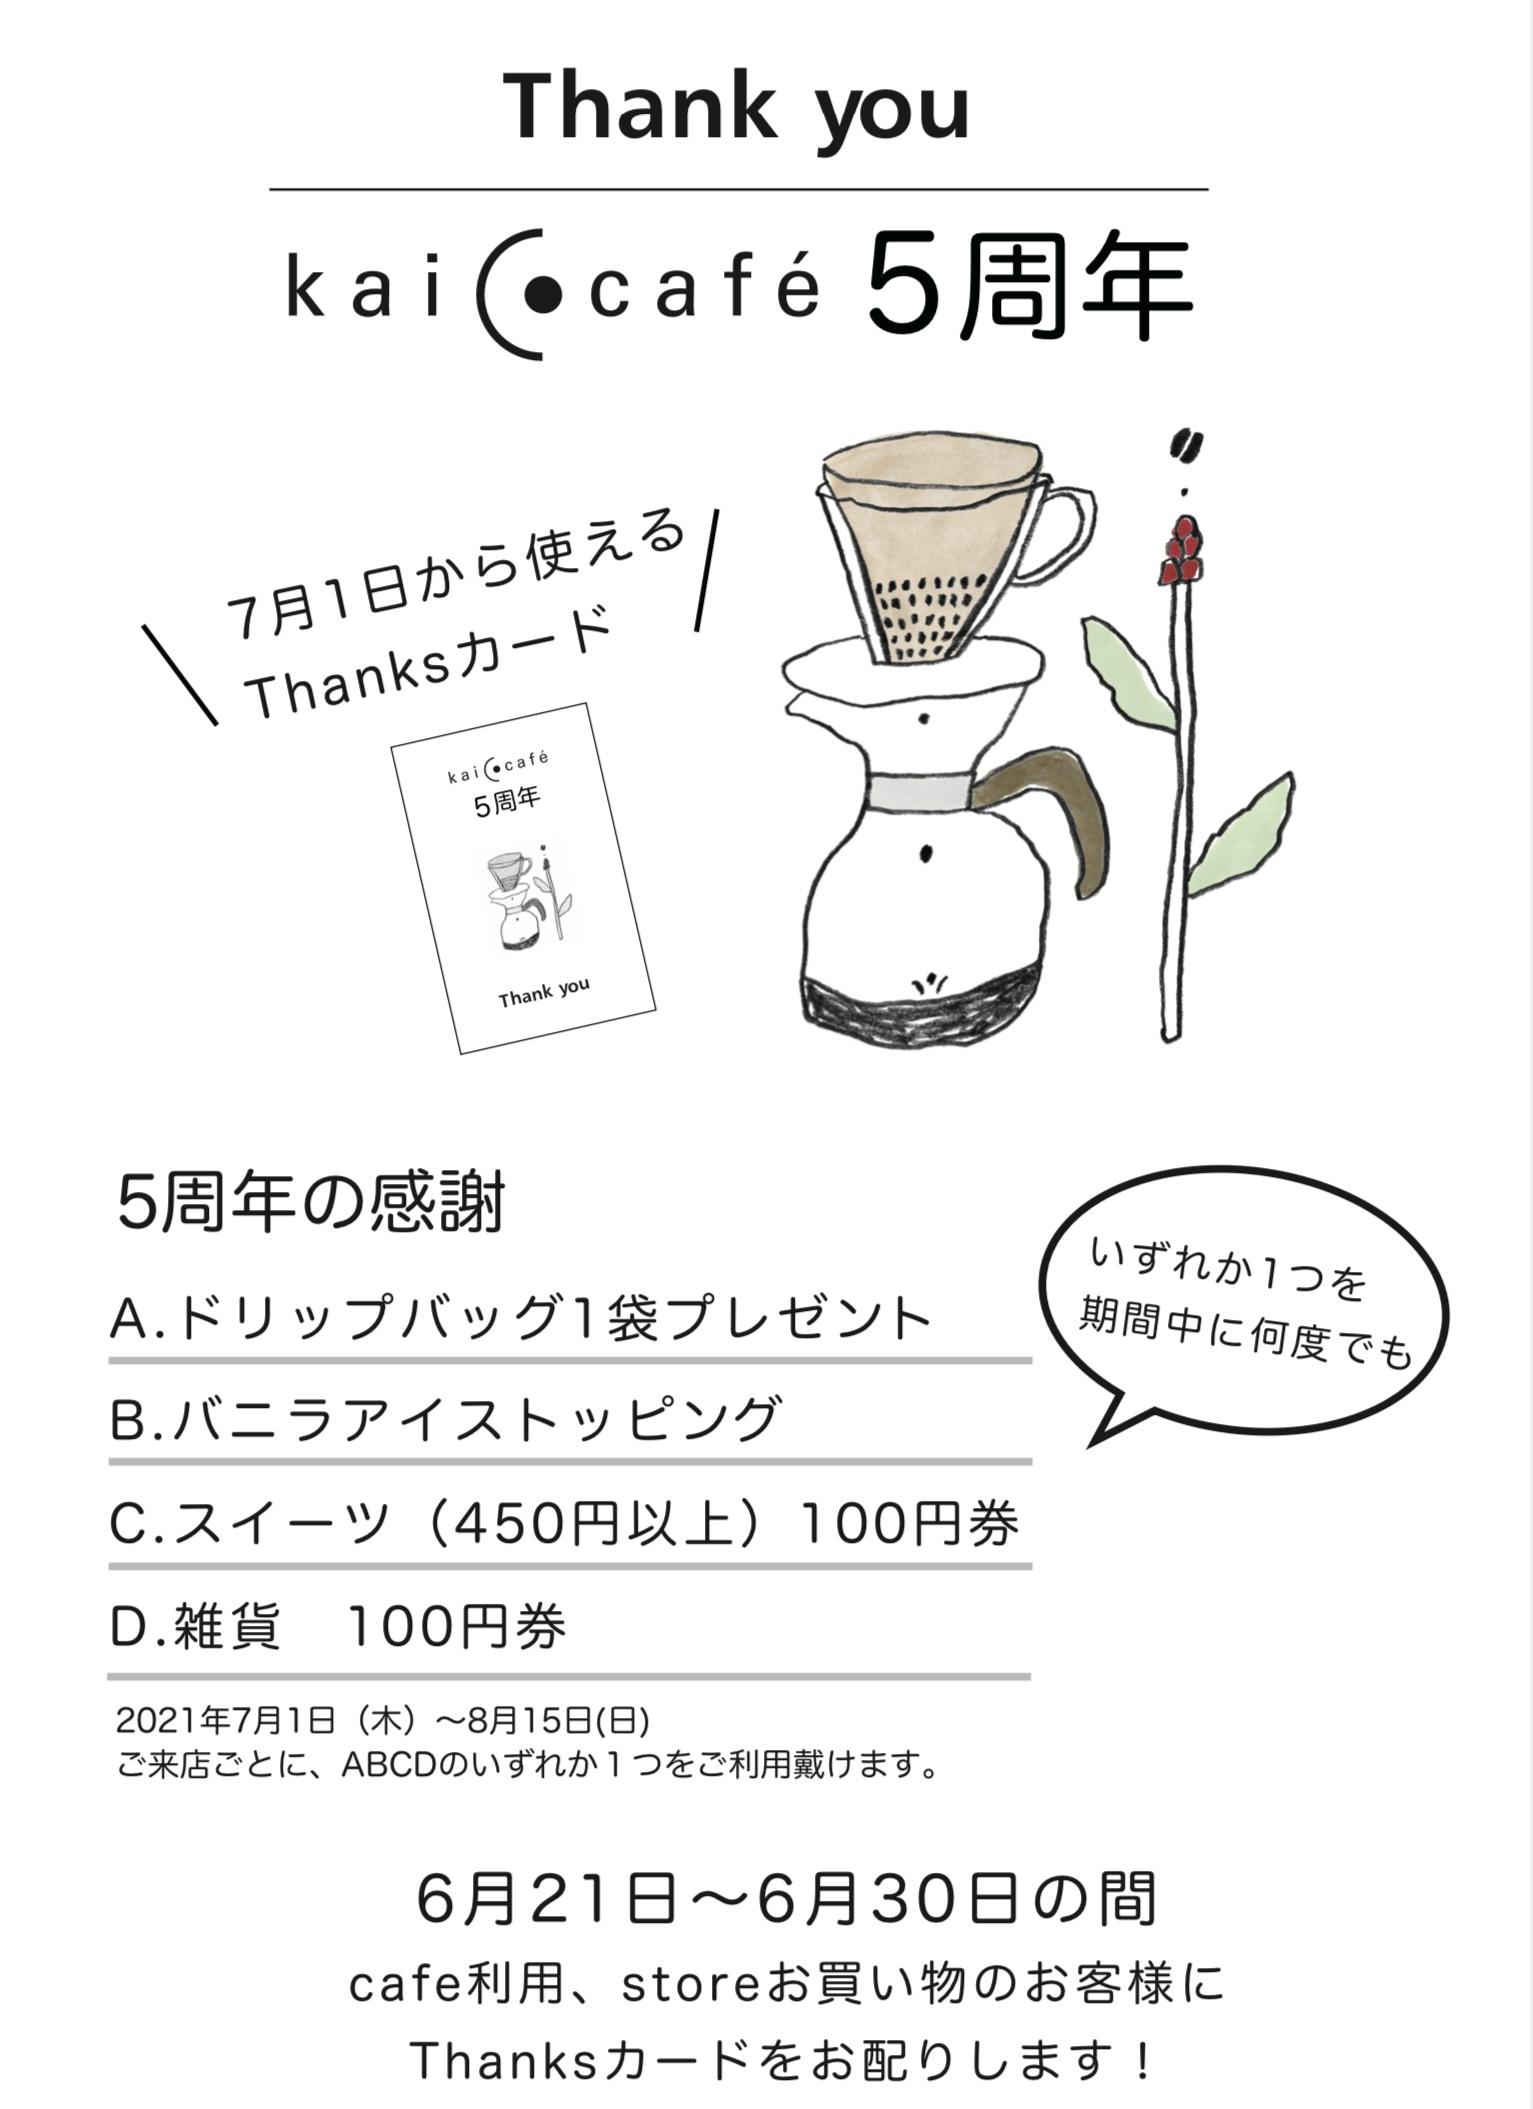 <p>kaicocafeは今年7月で5周年を迎えます✨ いつもkaicocafeをご愛顧いただき ありがとうございます! たくさんのお客様に愛され 5周年を迎えることができました😌✨ 感謝の気持ちを込めて、、、 明日6月21日から6月30日まで カフェまたはストアをご利用の全てのお客様に Thanksカードをお配り致します! 7月1日から8月15日までの間 ご […]</p>